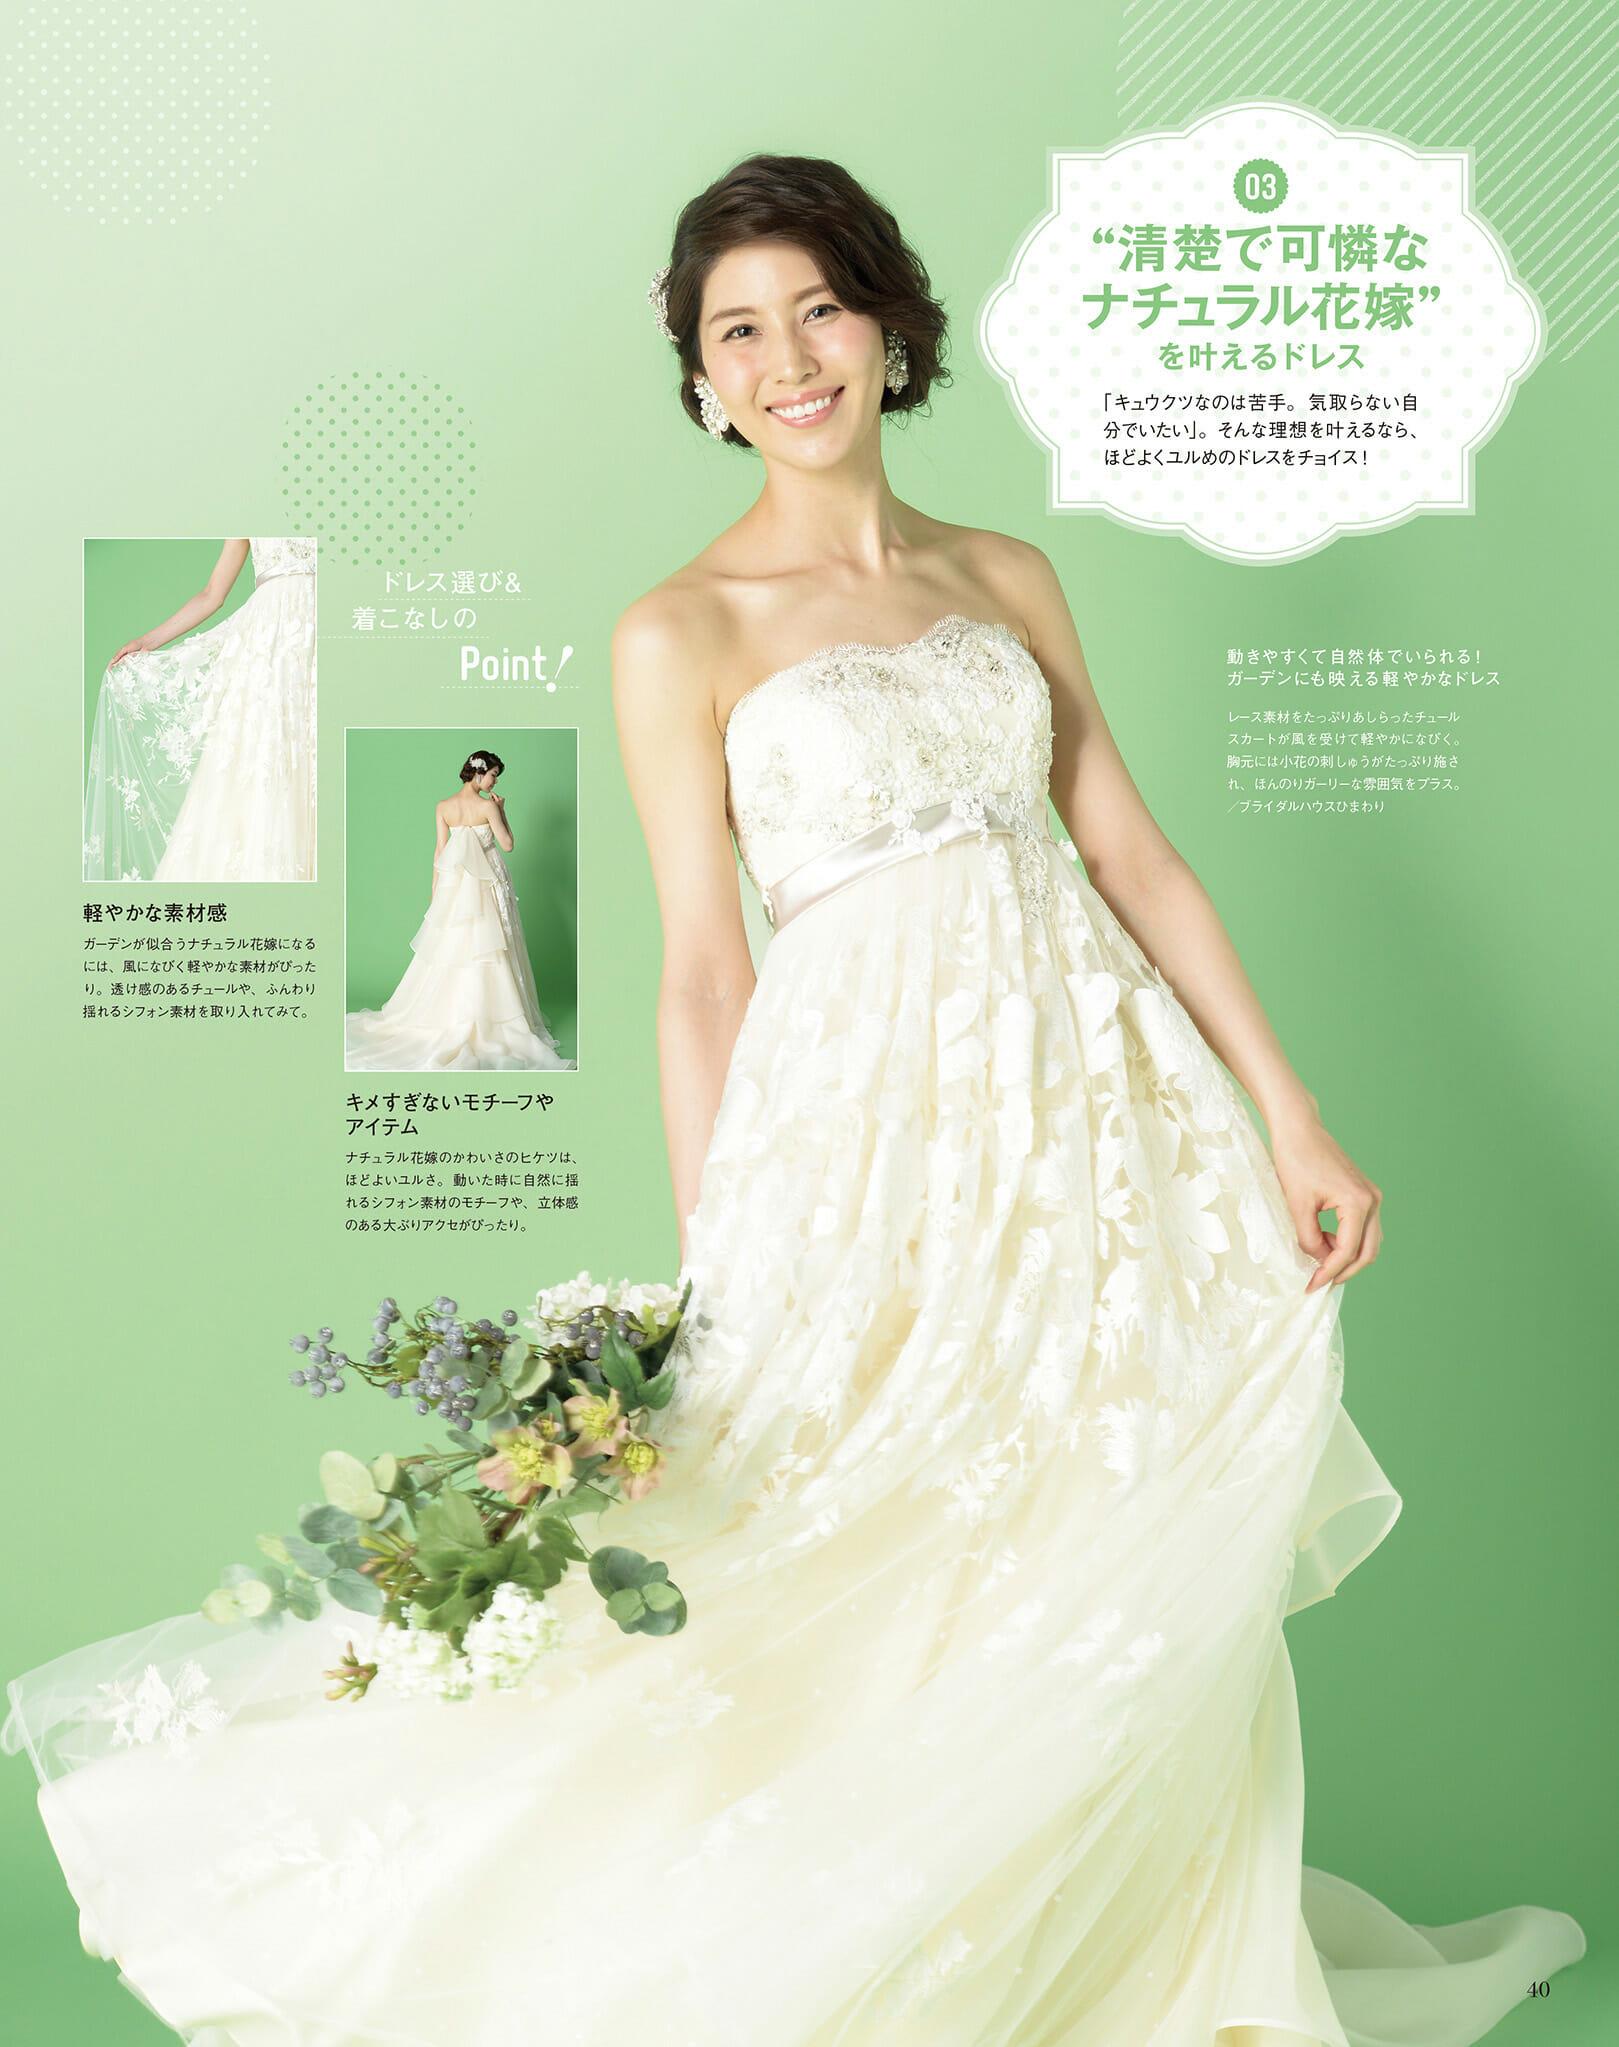 『結婚賛歌』特集ページにWedding Dressが掲載!